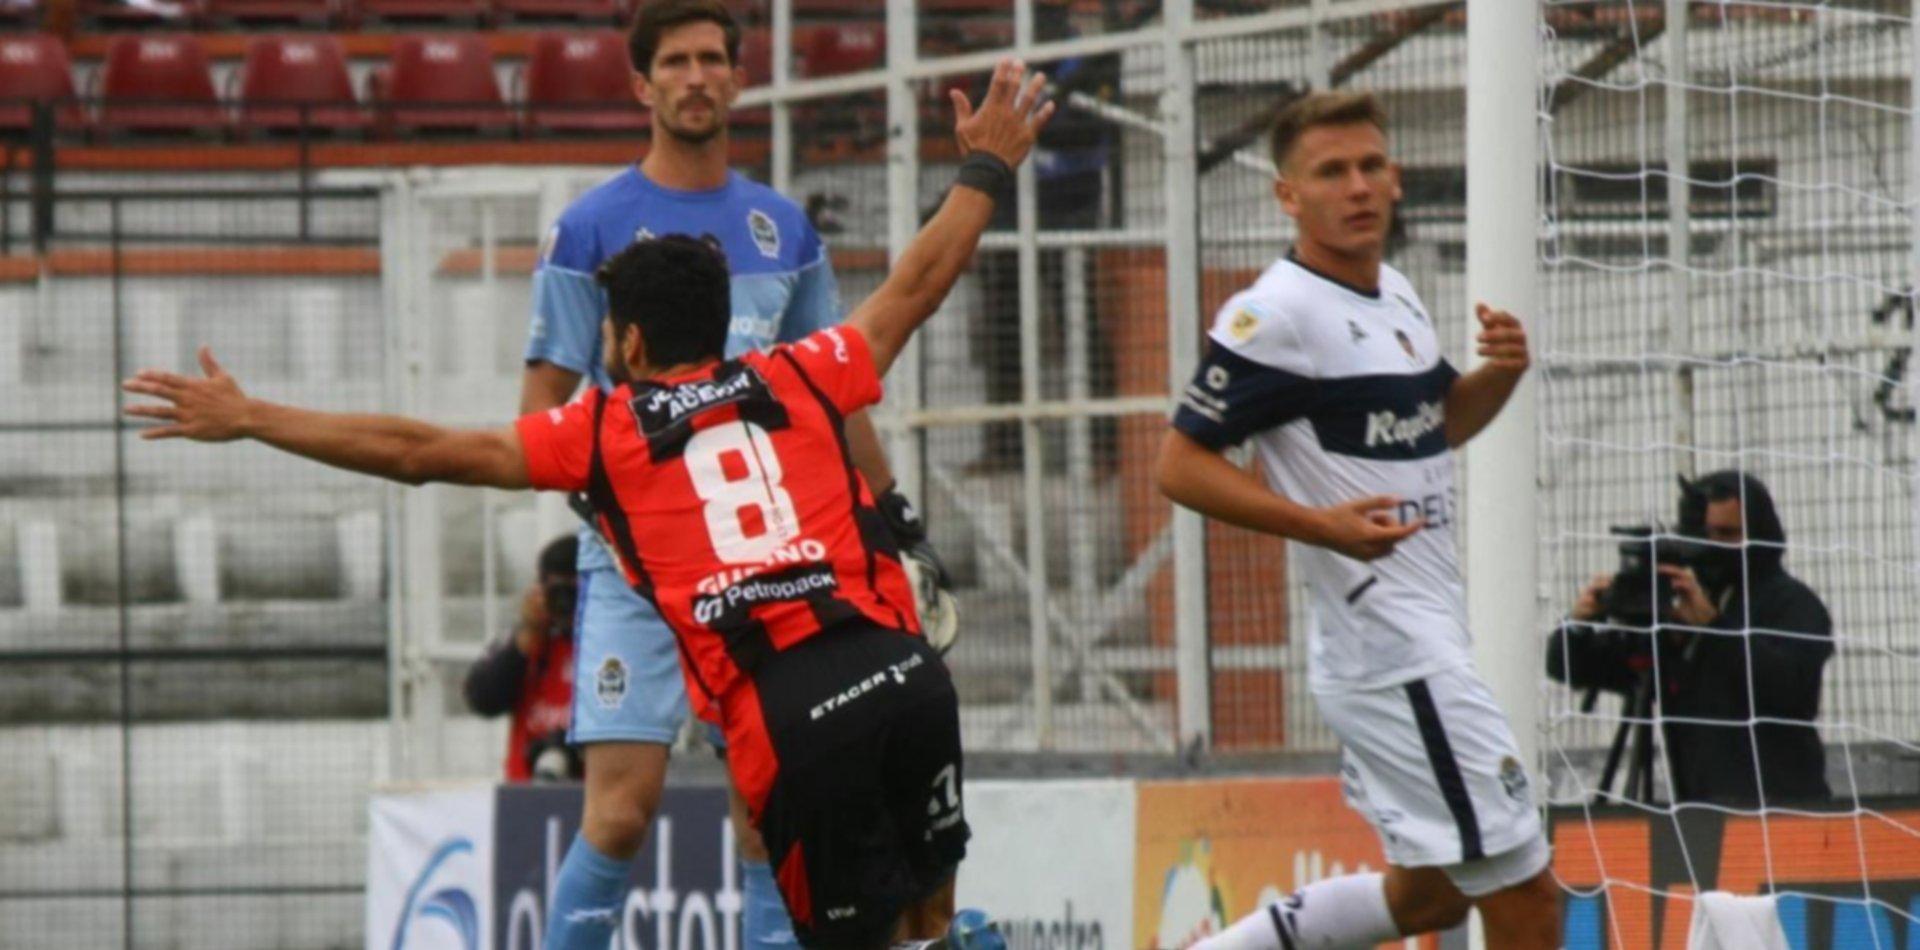 Dura caída antes del clásico: el Lobo fue goleado y cayó 4 a 1 ante Patronato